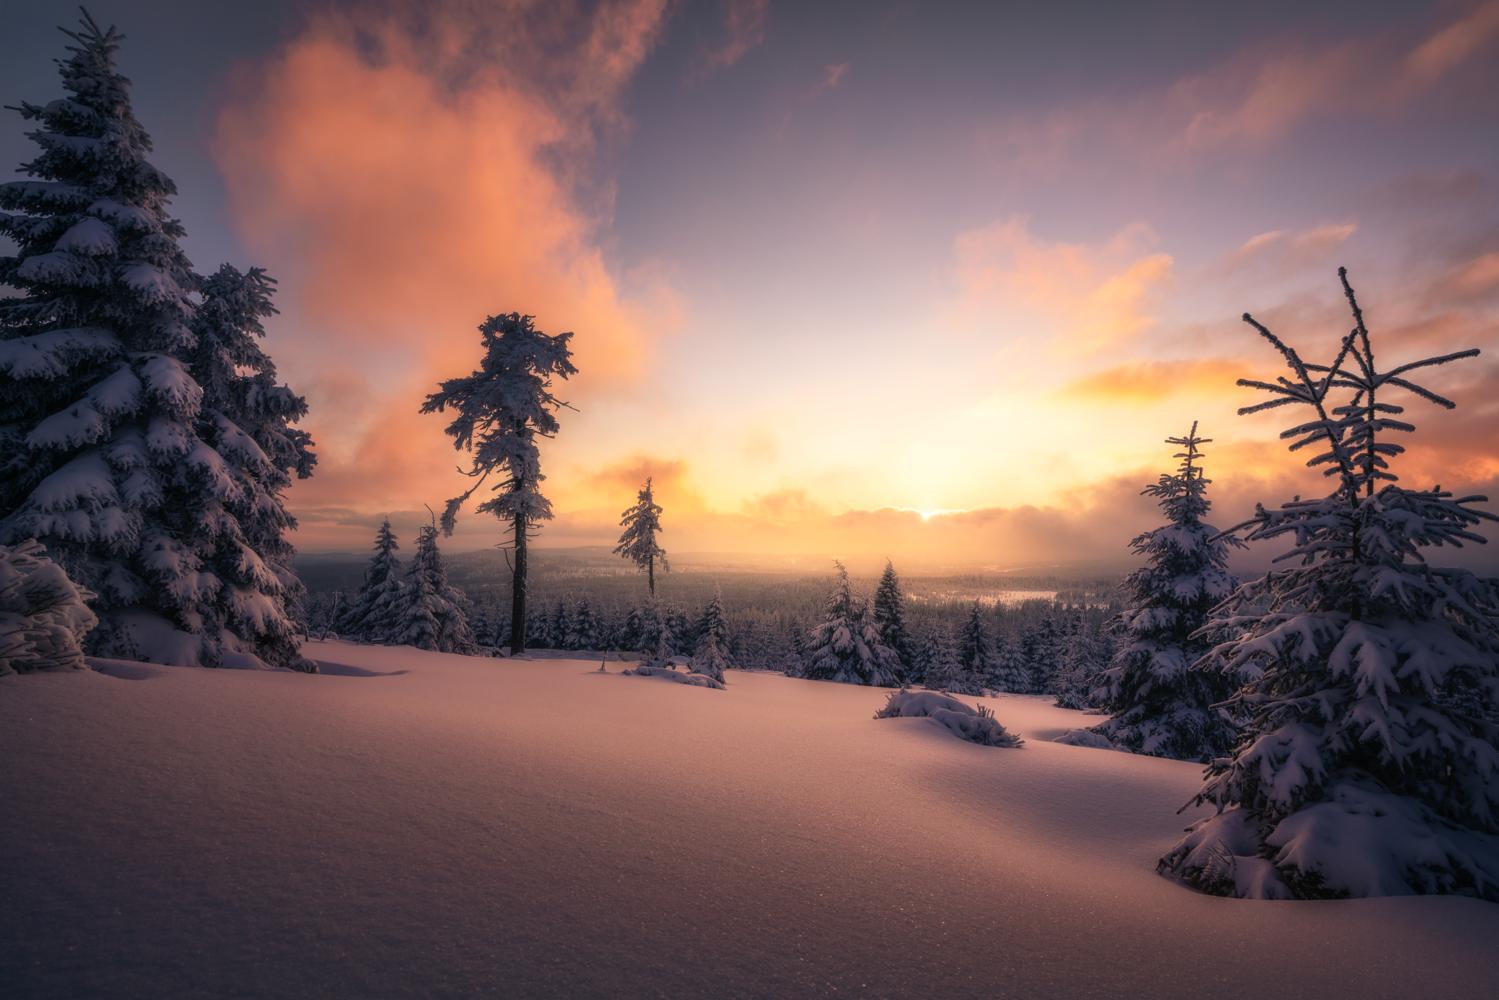 winter bliss by Kai Hornung